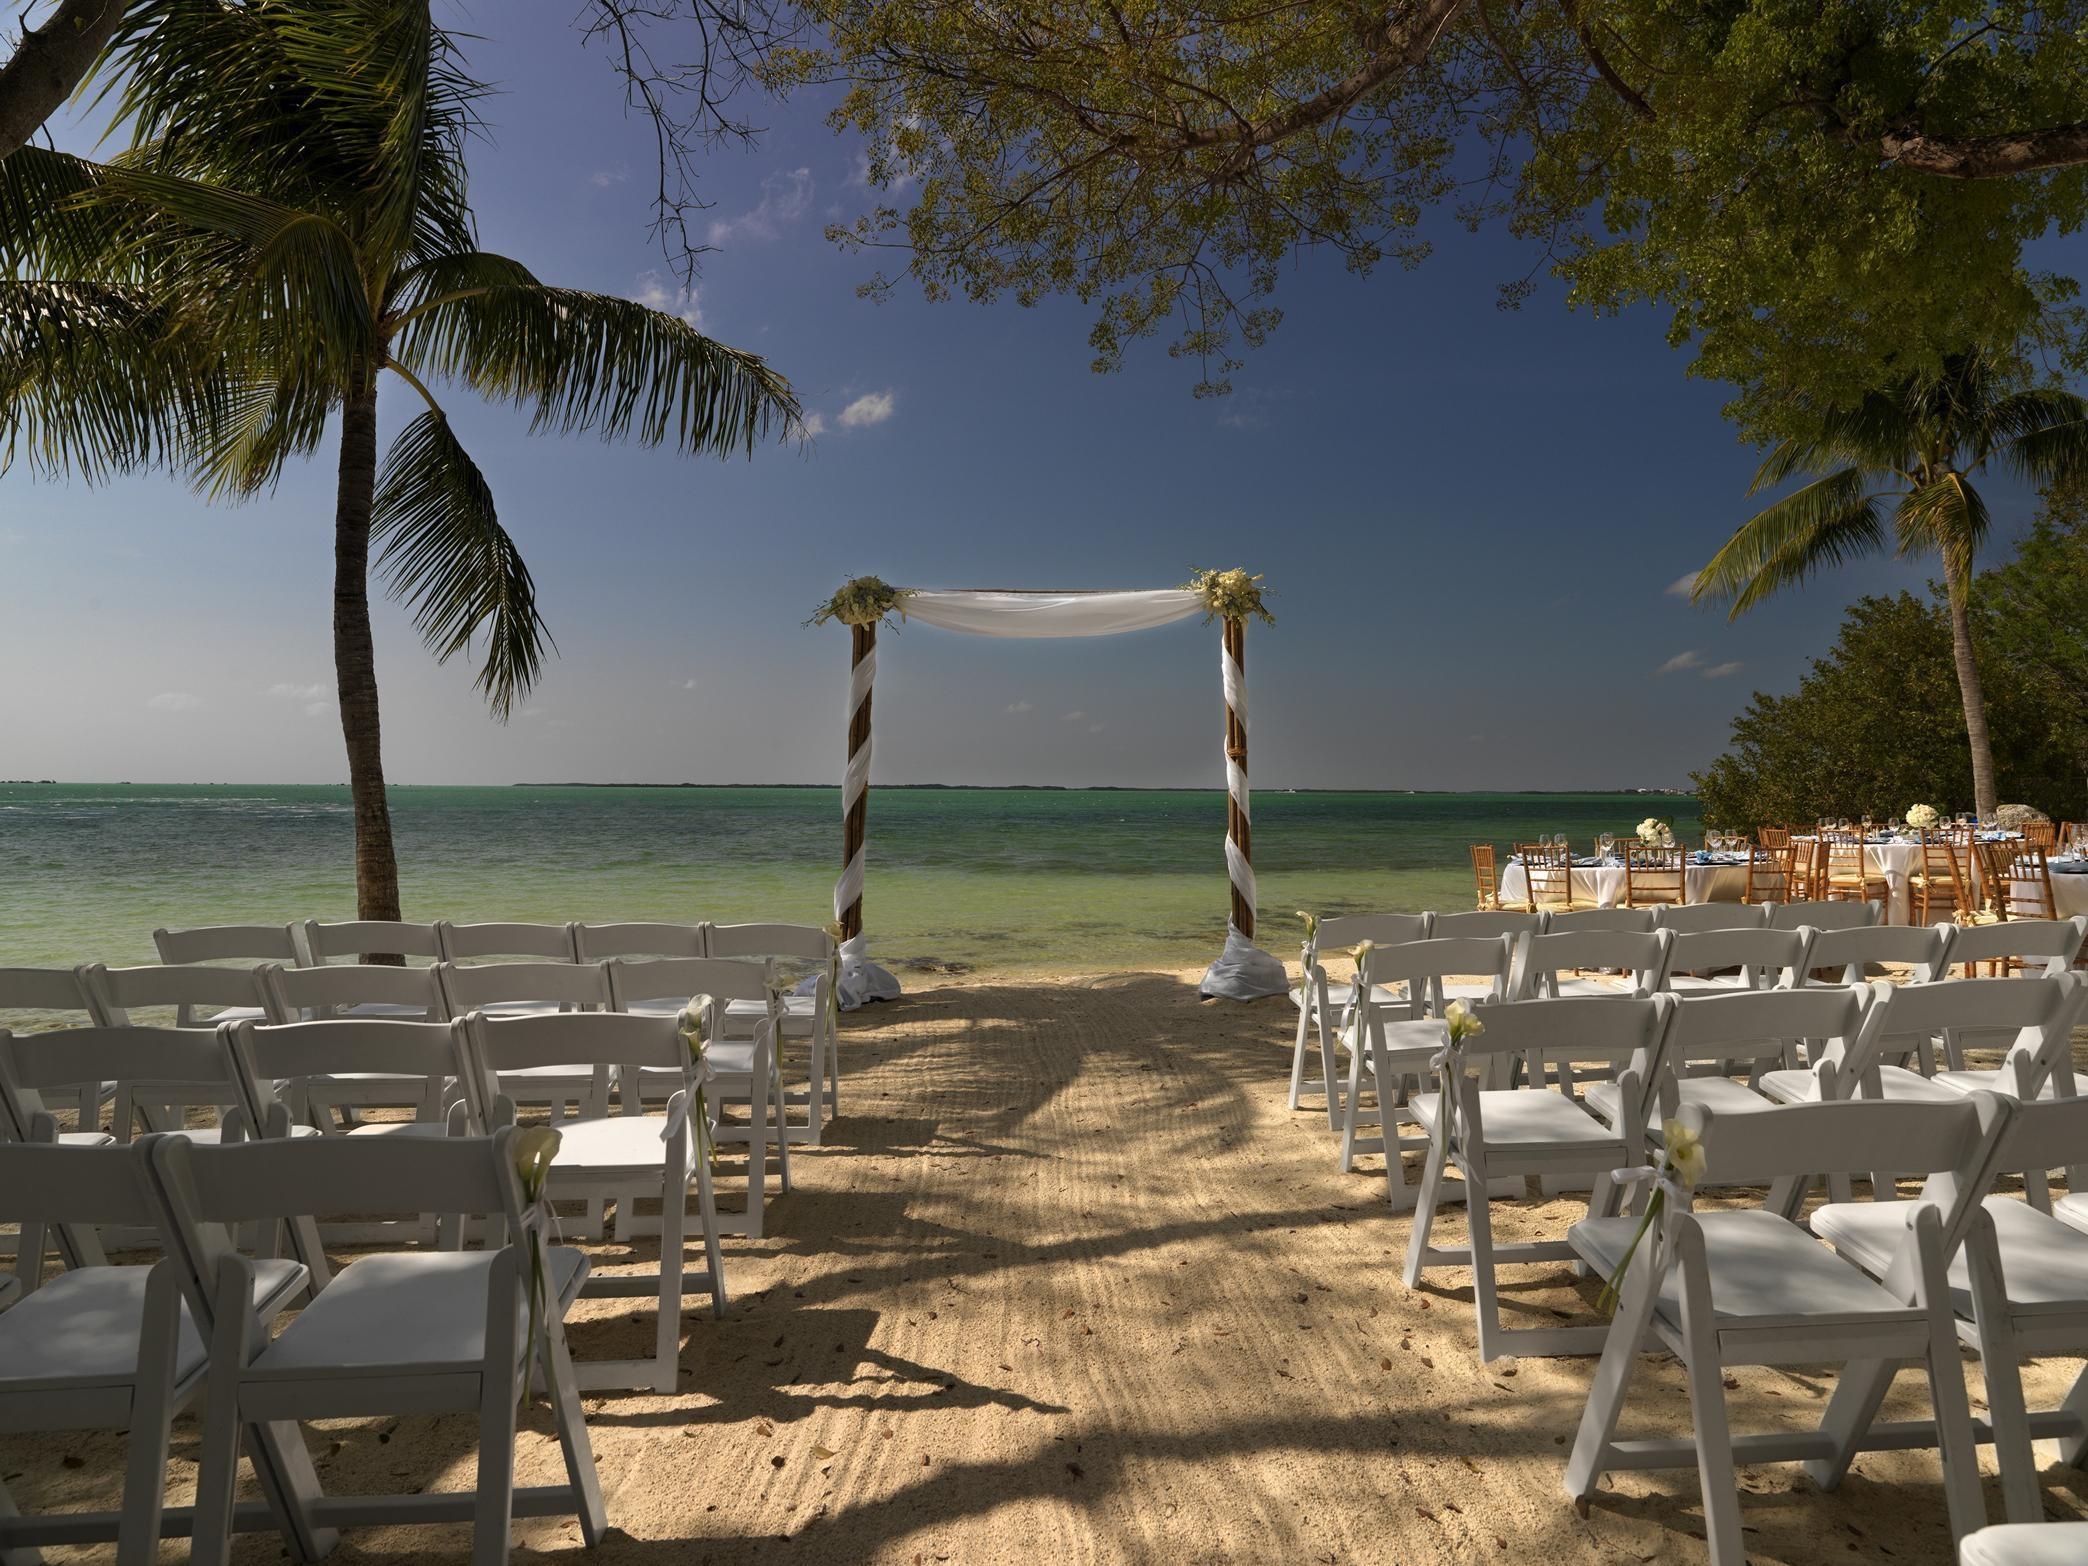 Hilton Key Largo Resort image 44